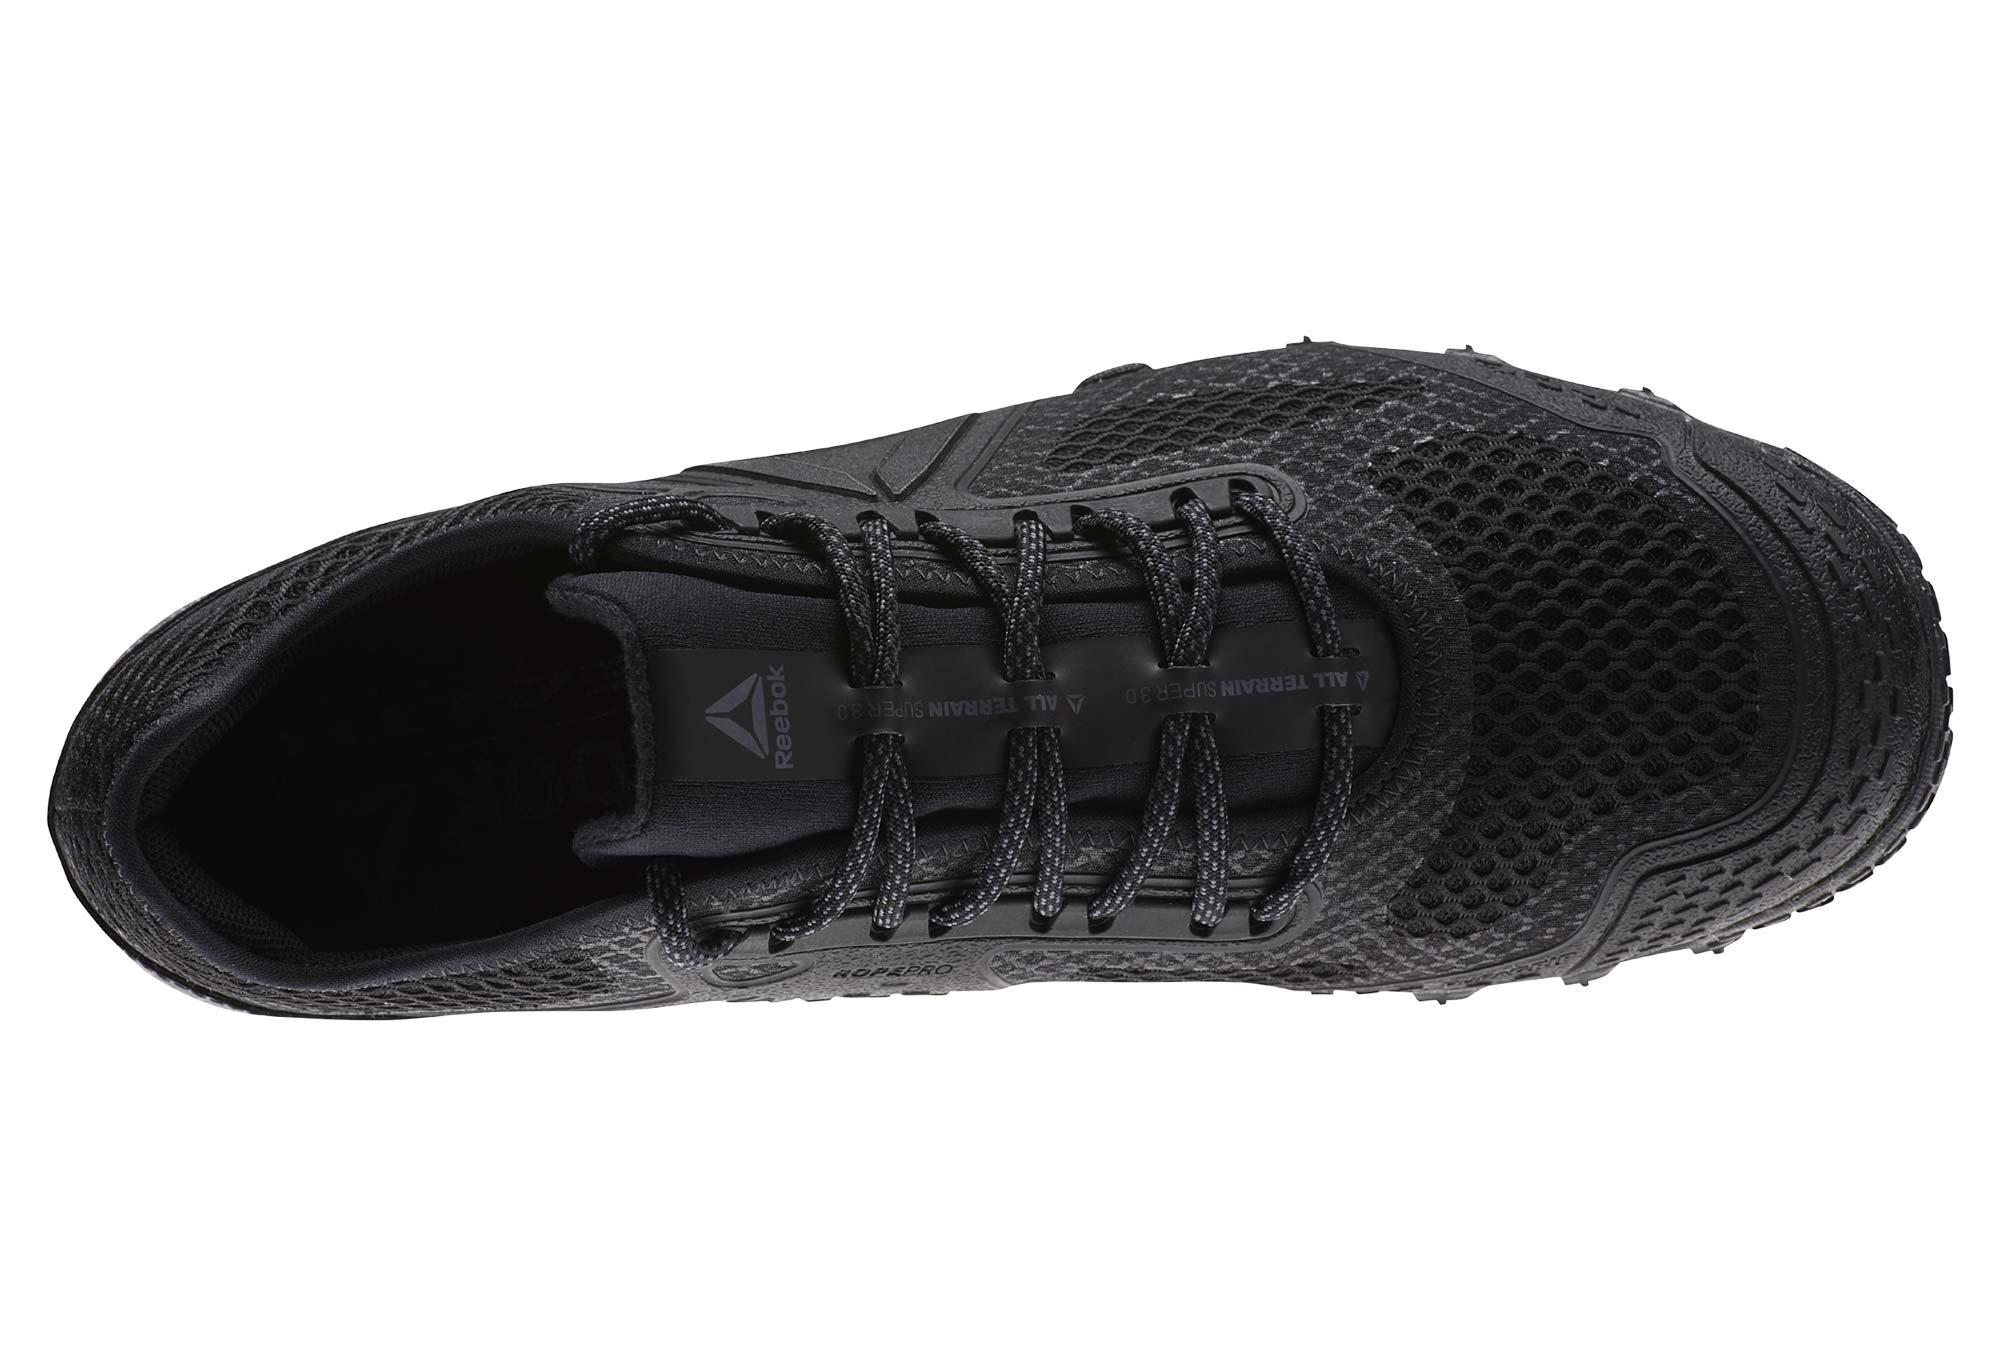 c27f2106cc5 Chaussures de Trail Reebok All Terrain Super 3.0 Stealth Noir   Noir ...